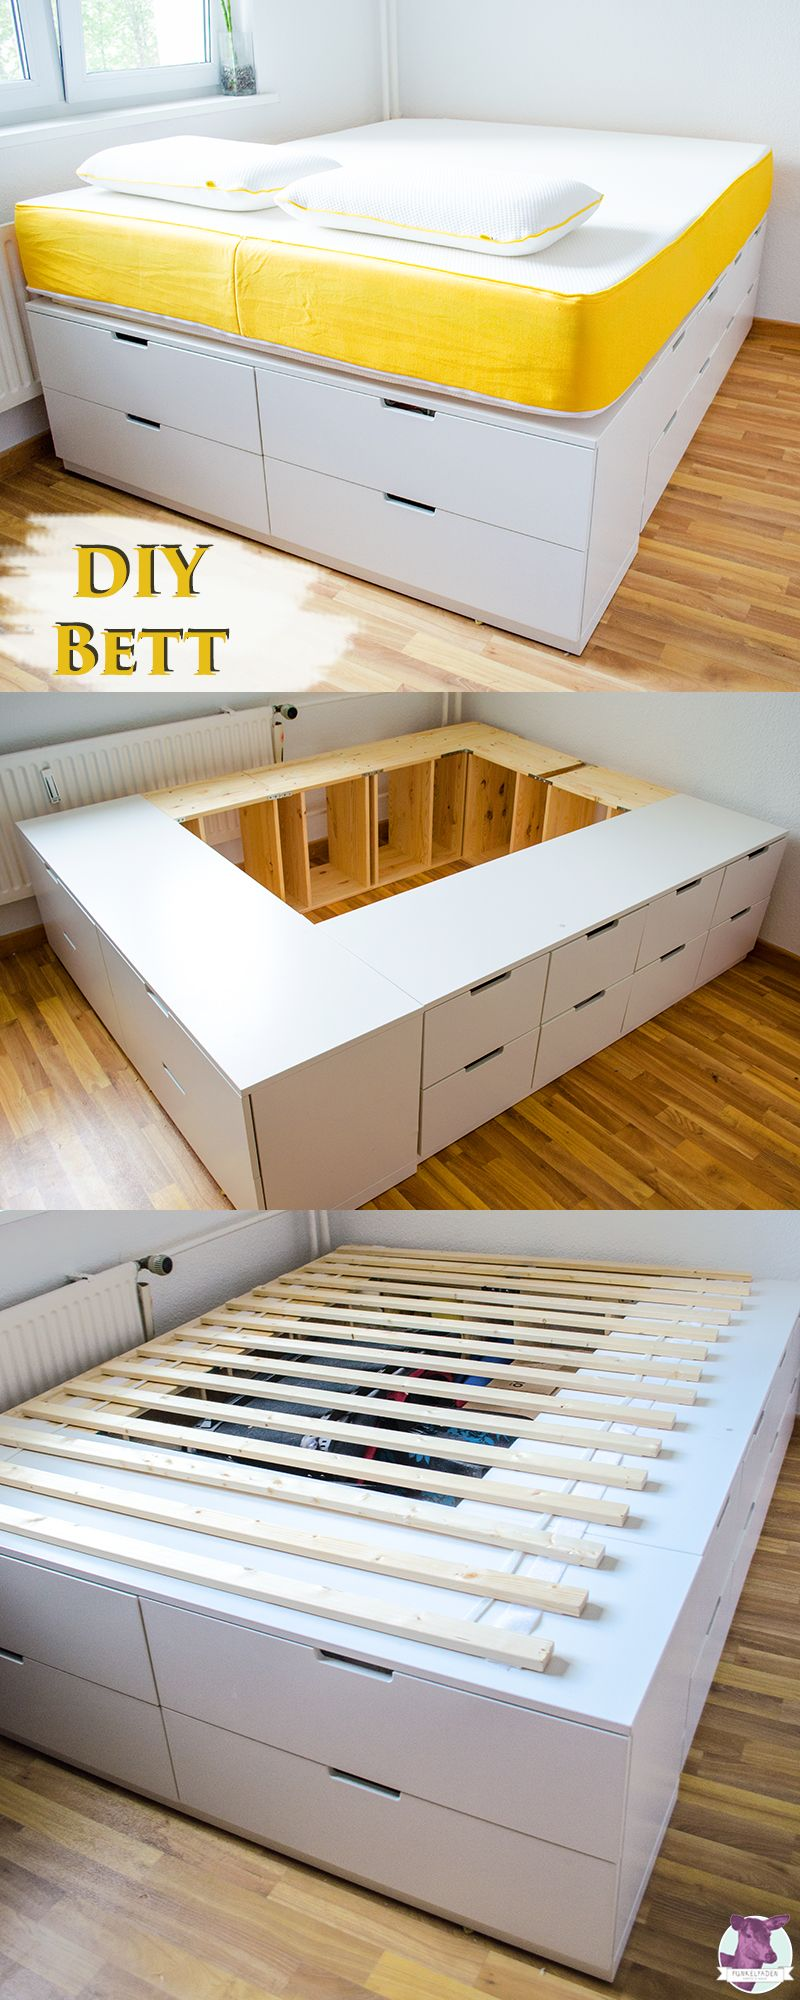 Full Size of Stabiles Bett Diy Ikea Hack Plattform Selber Bauen Aus Kommoden Rausfallschutz Rückwand Rattan Günstige Betten 140x200 90x200 Weiß Wasser Podest Bett Stabiles Bett